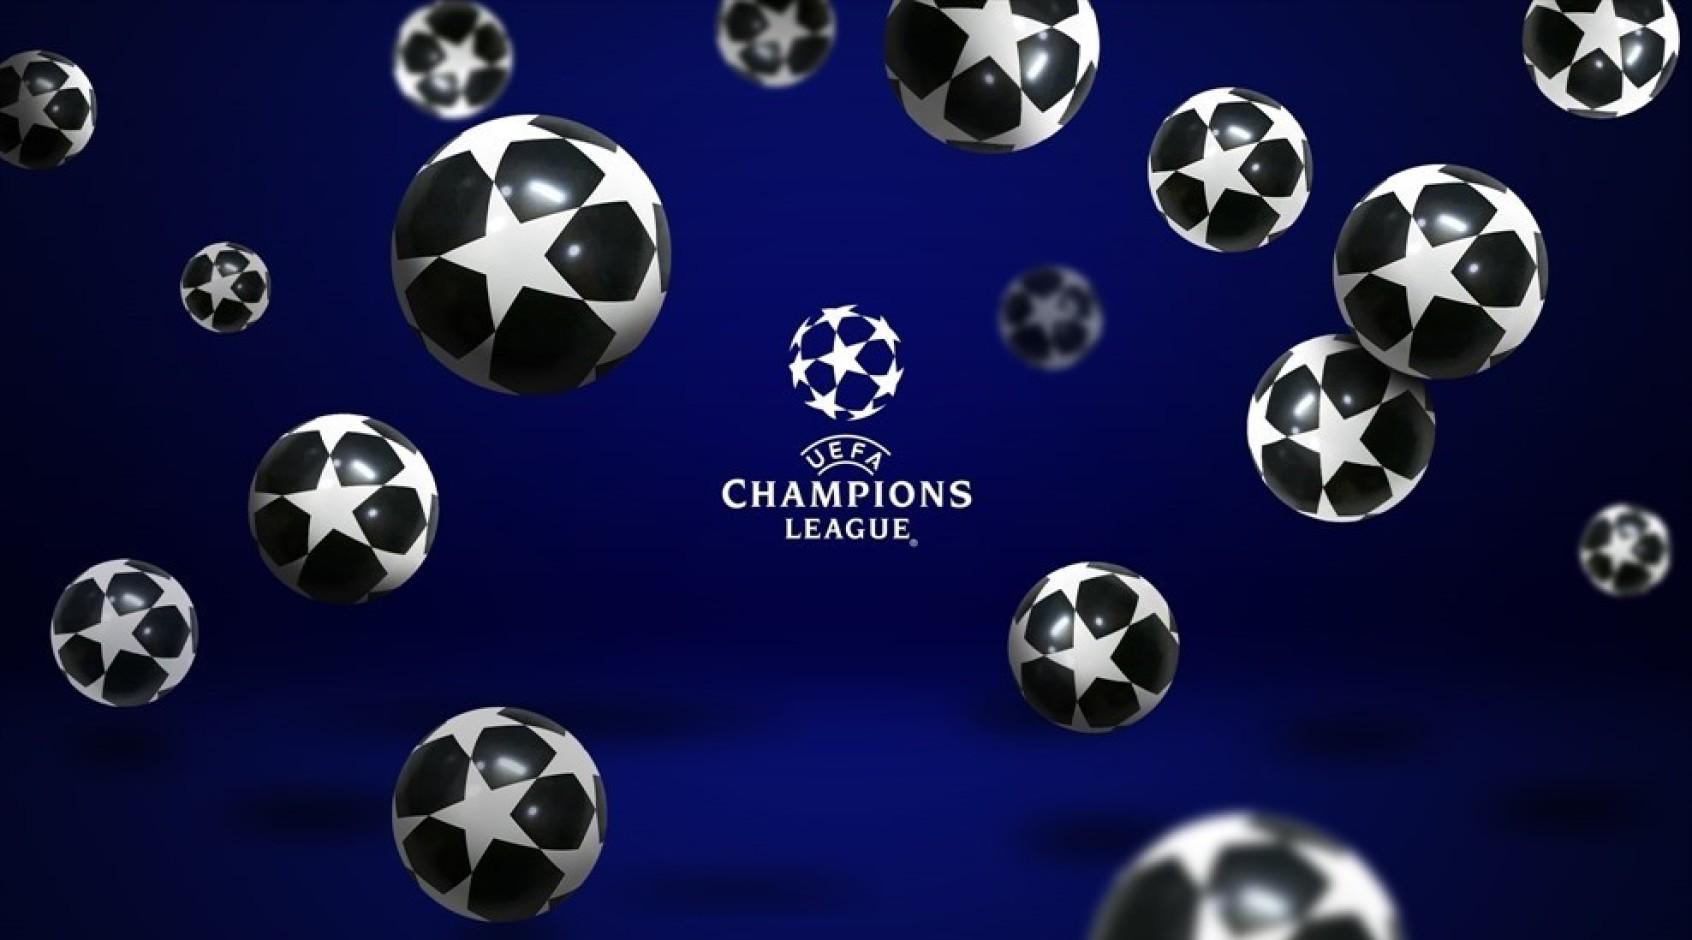 Лига чемпионов. 1-й тур. Матчи вторника